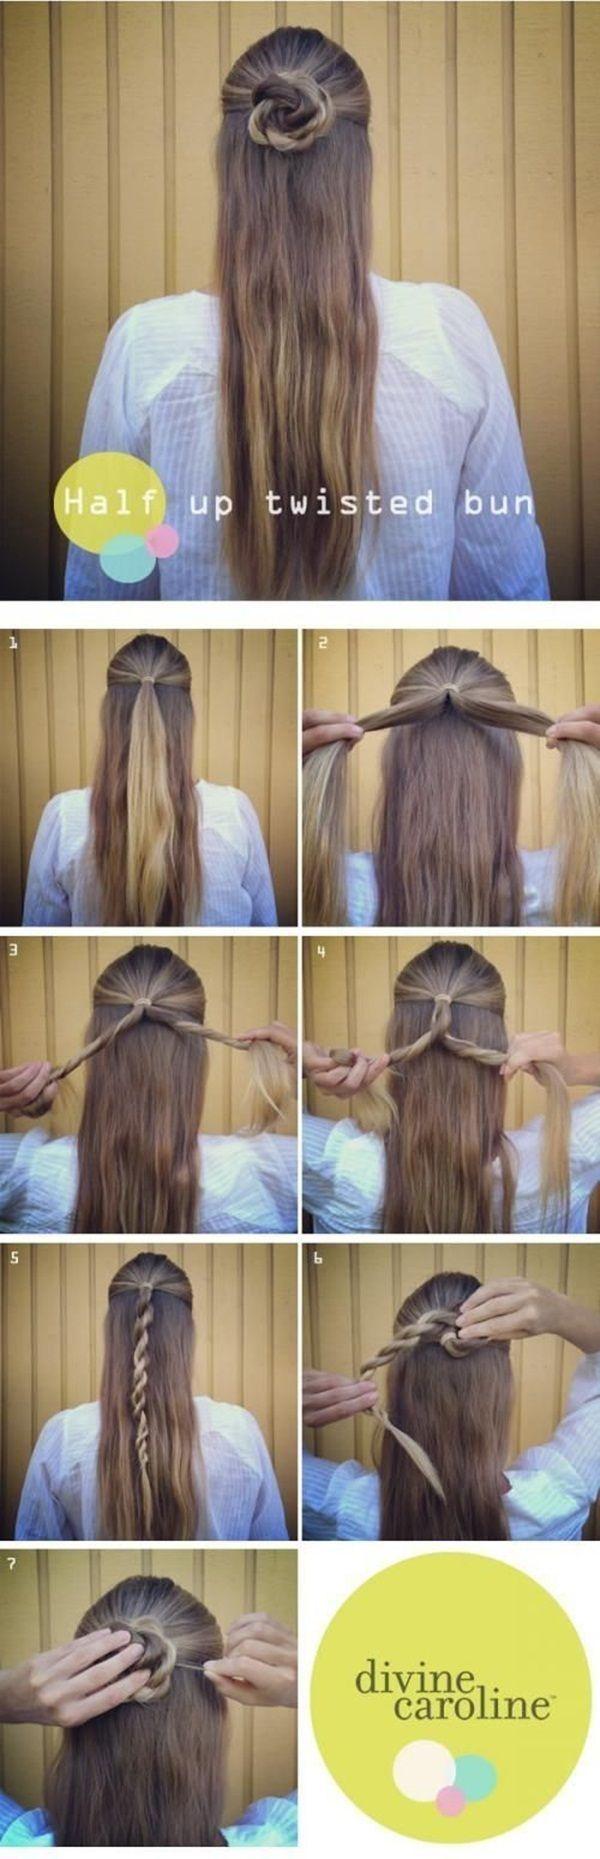 40 einfache Frisuren für Schulen zum Ausprobieren in 2016 #coiffure